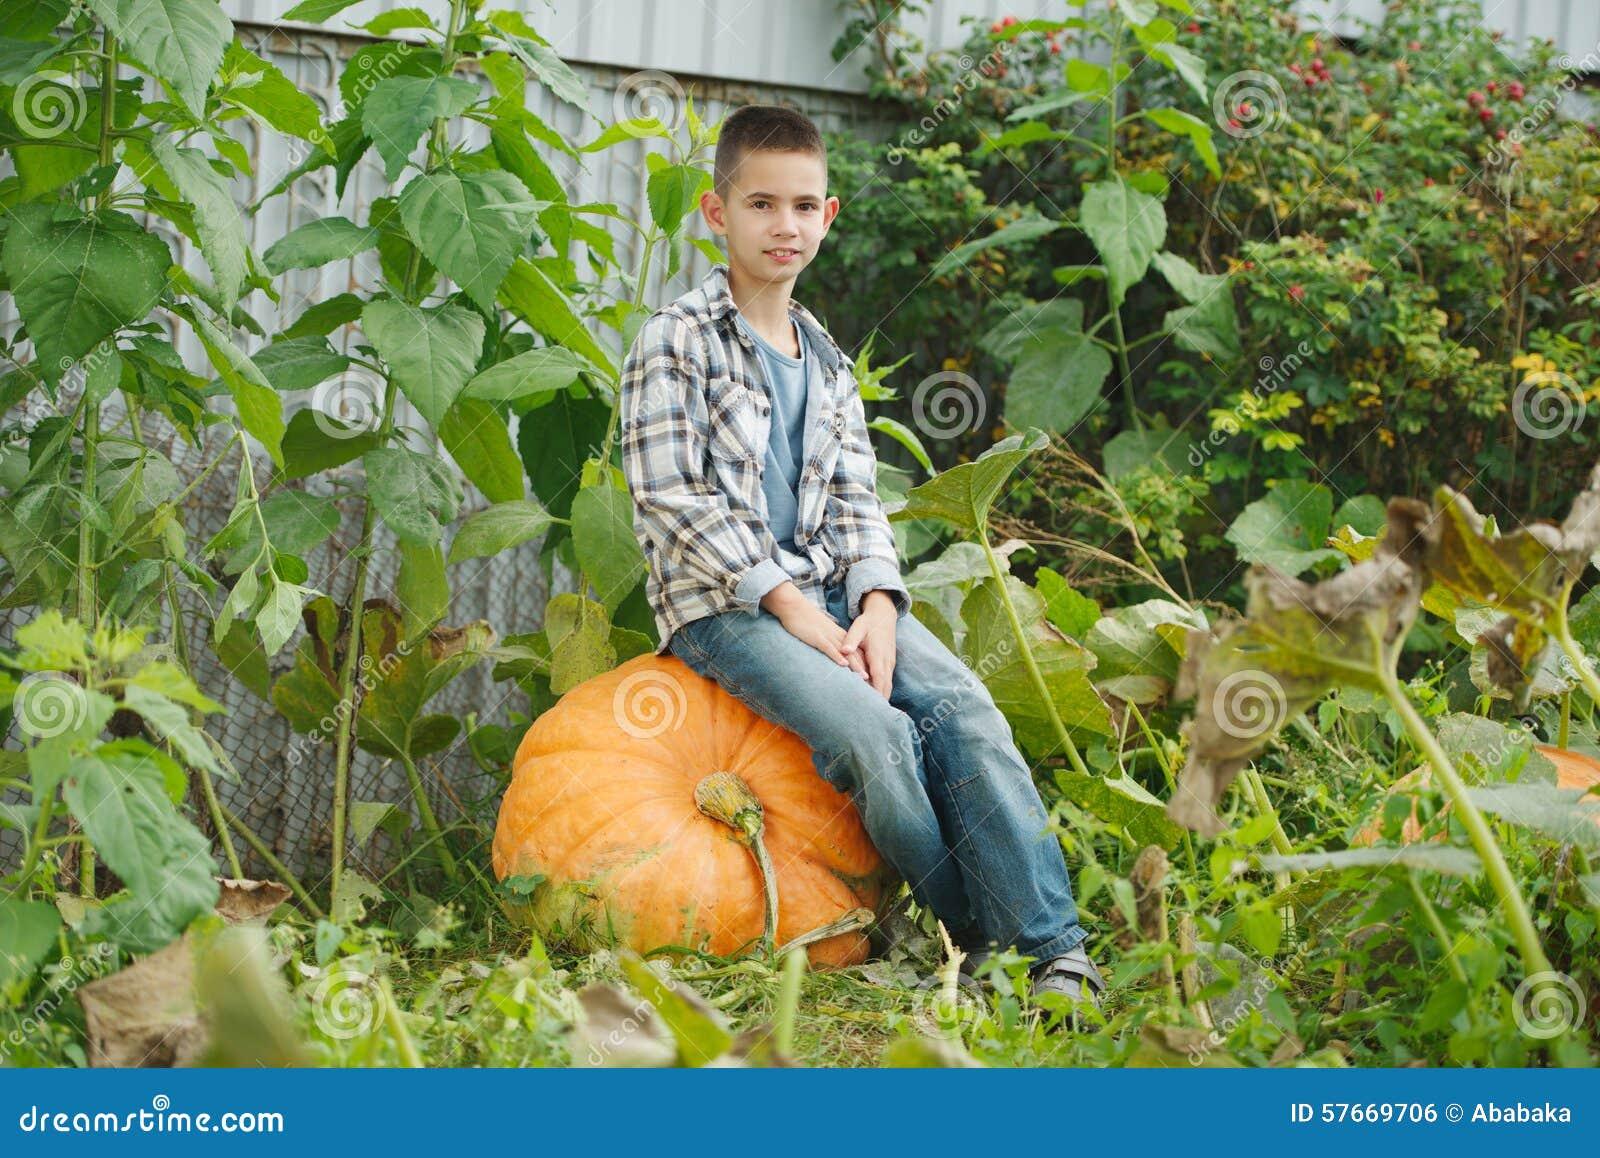 Śmieszna chłopiec z baniami w ogródzie